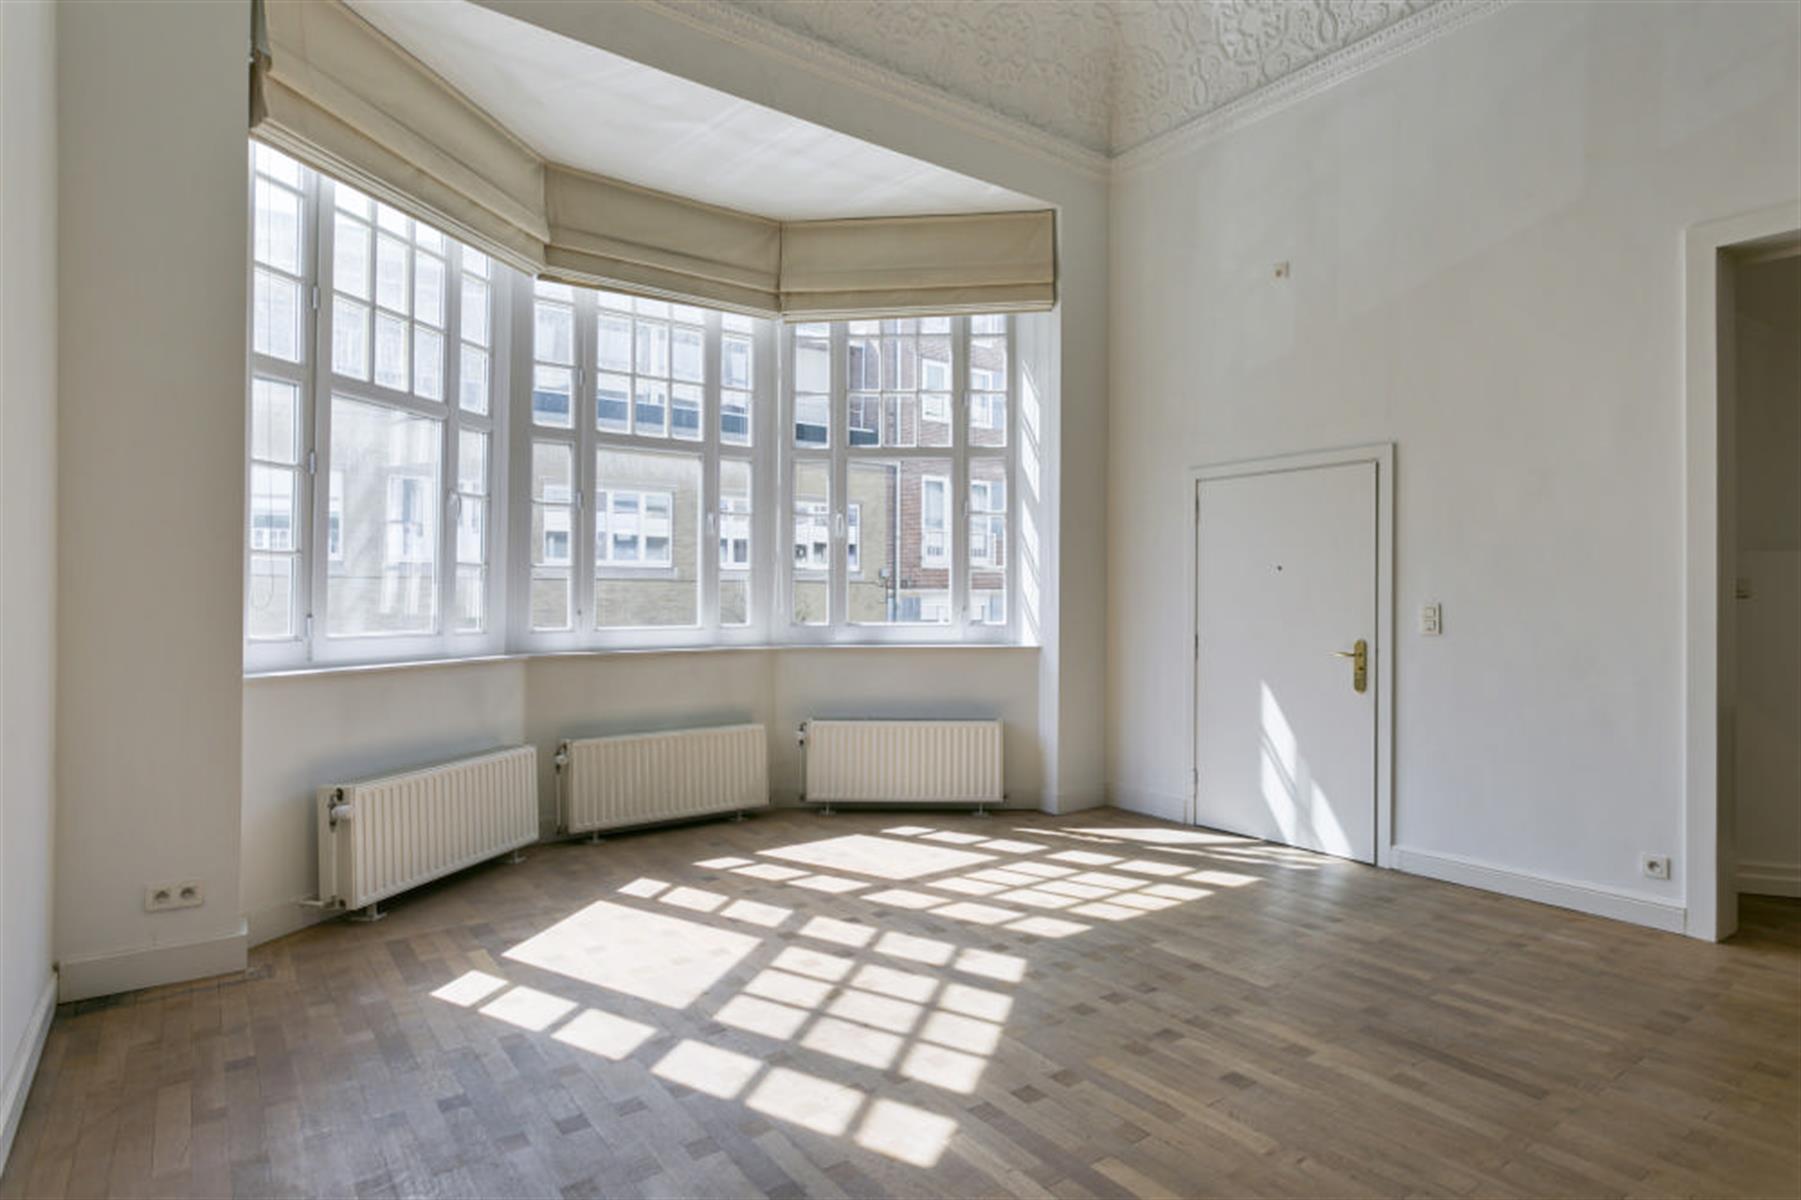 Flat - Ixelles - #3905902-4